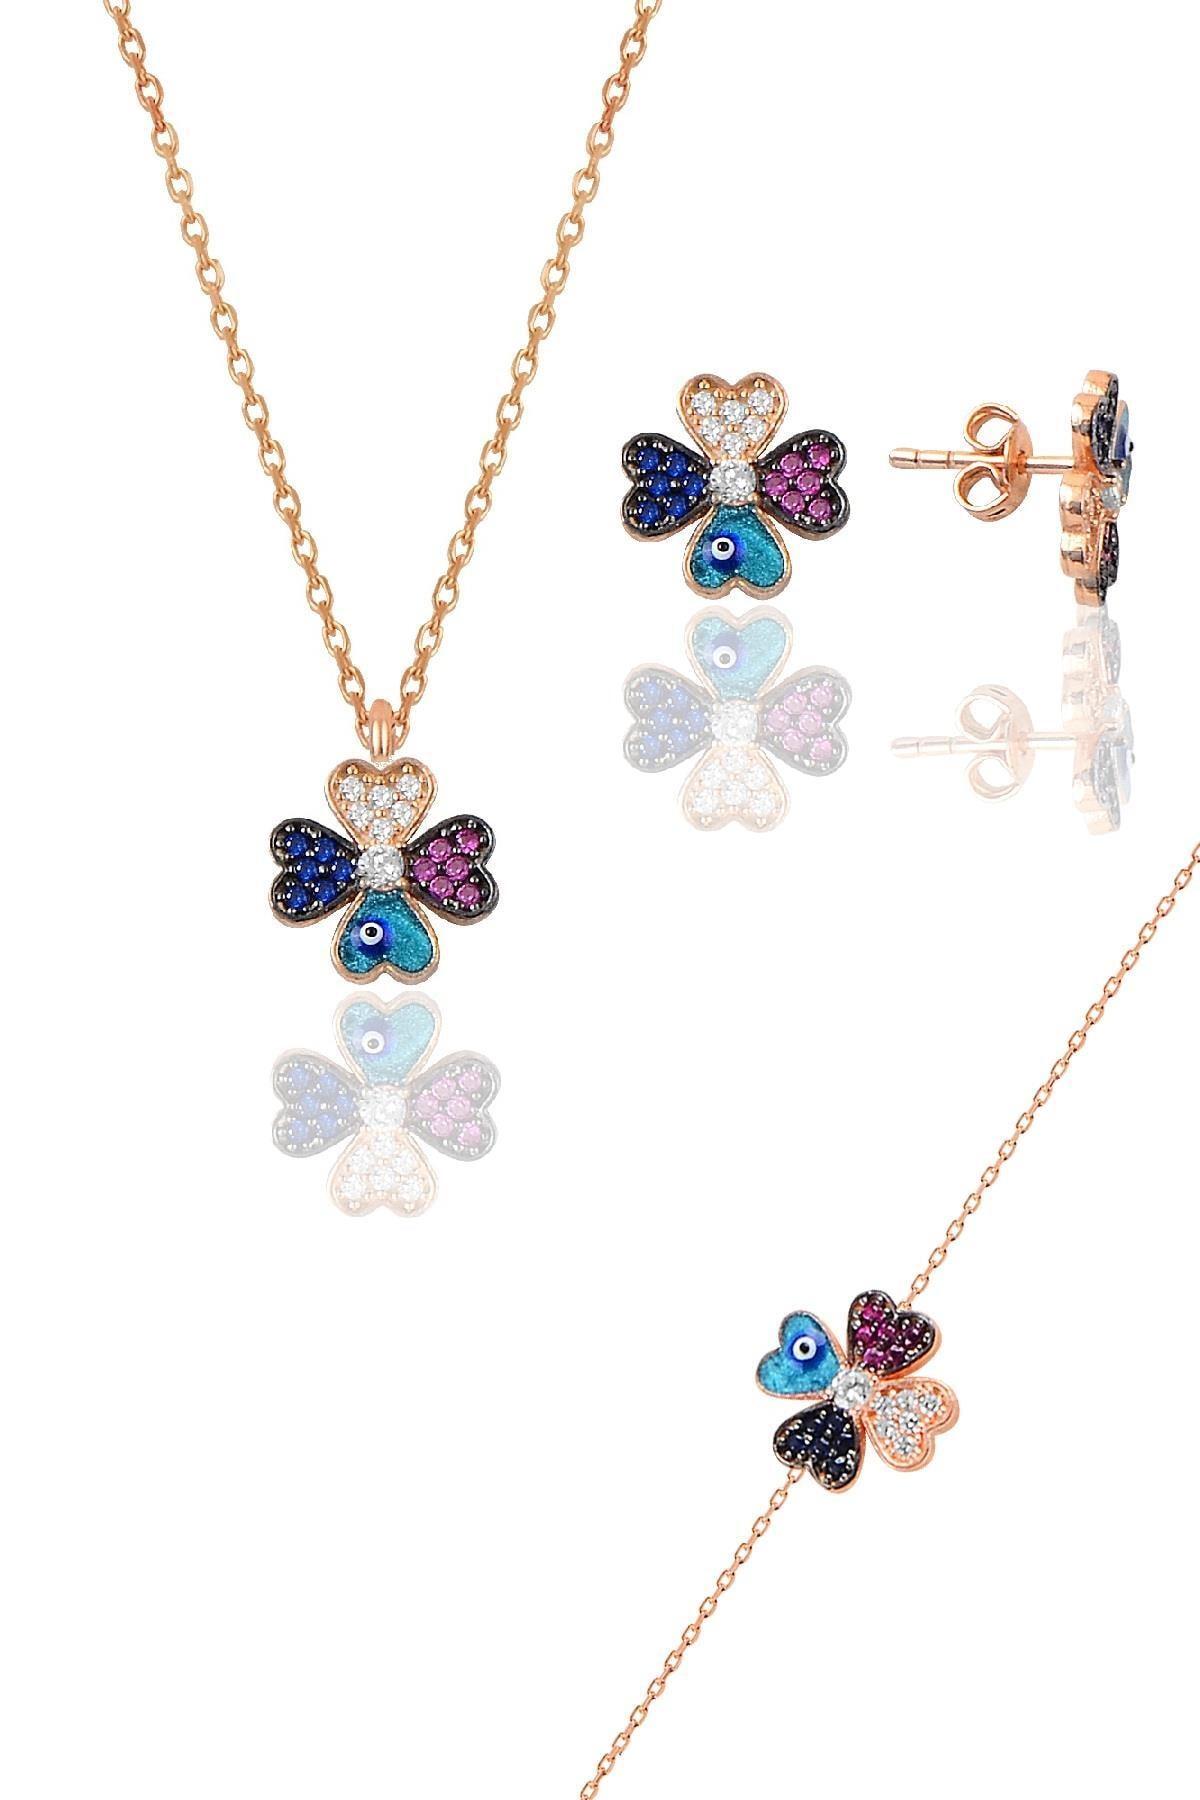 Söğütlü Silver Gümüş rose mineli yonca modeli üçlü set